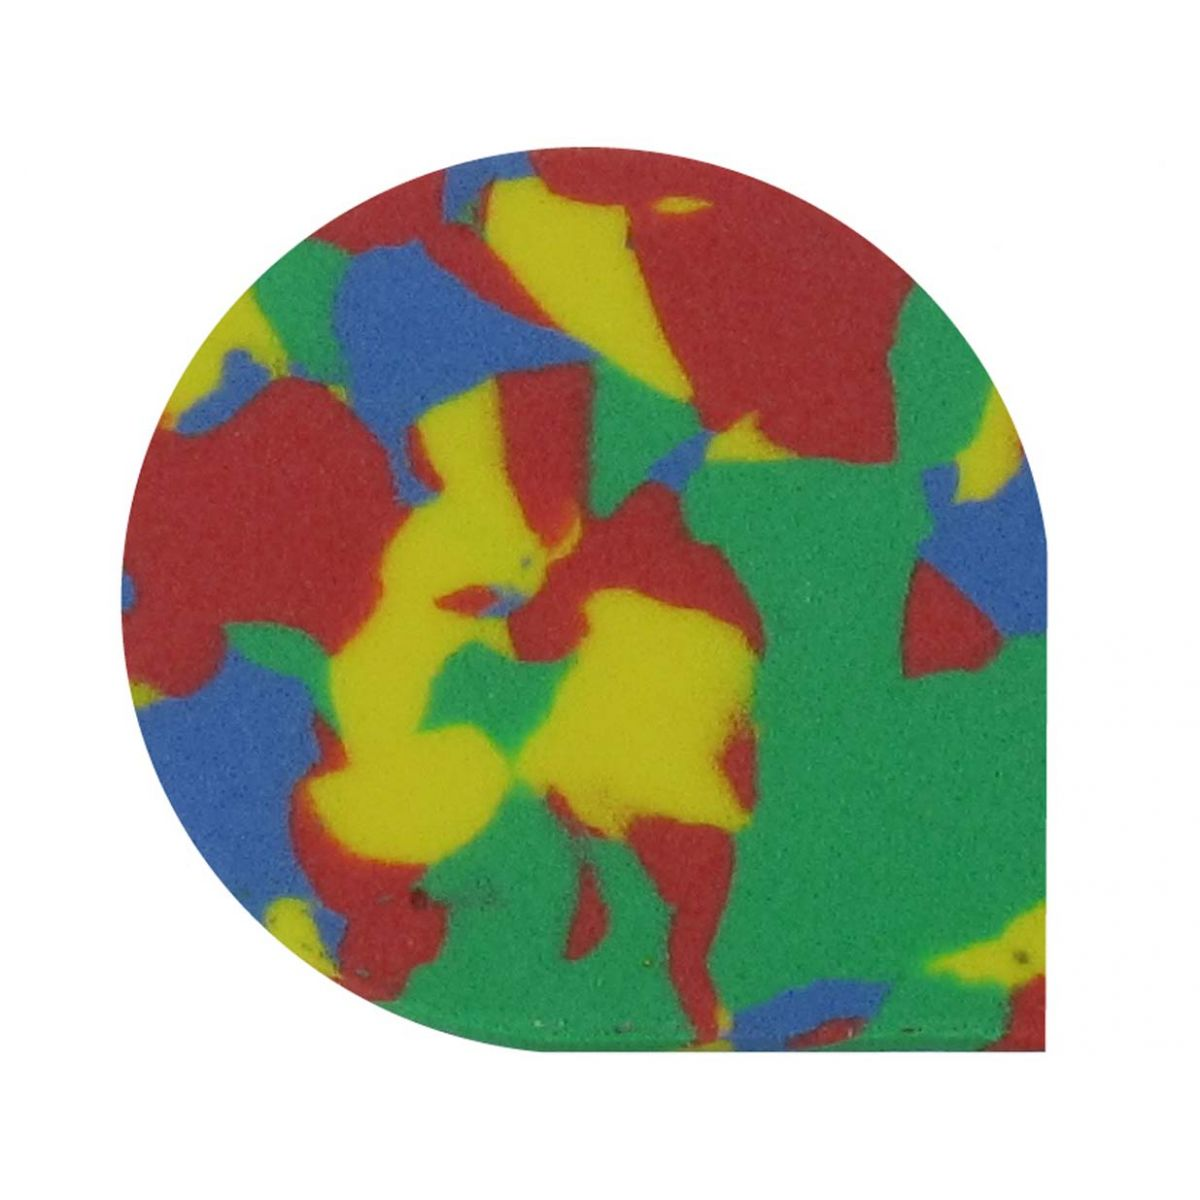 Cobertura p/Palmilha em EVA - Lunasoft Color Quatro - 1,5mm